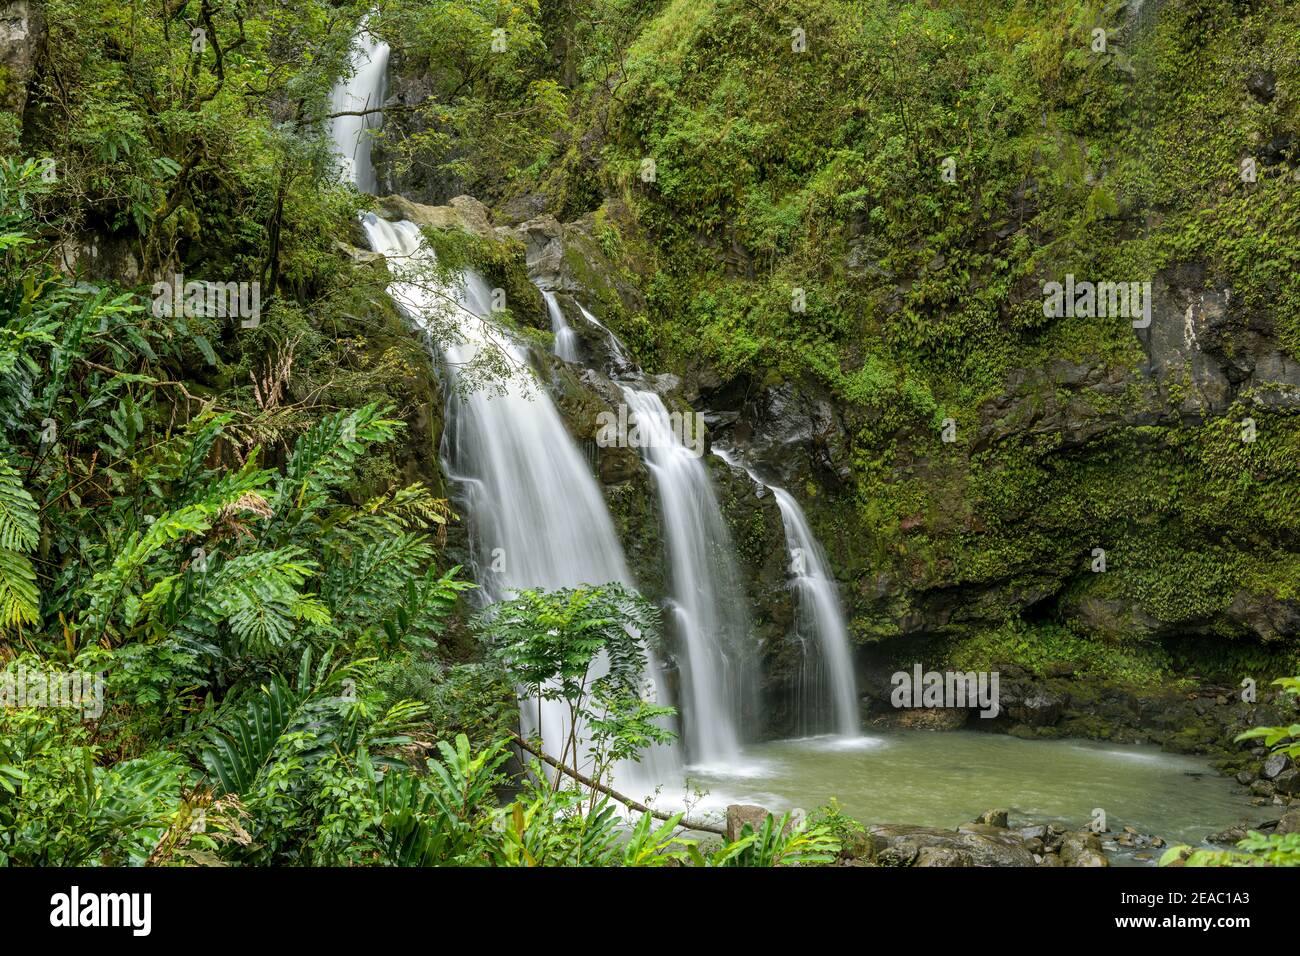 Chutes d'eau dans la forêt tropicale - VUE rapprochée d'une cascade à plusieurs niveaux à l'intérieur d'une forêt pluviale dense, sur le côté de la route vers Hana. Maui, Hawaï, États-Unis. Banque D'Images